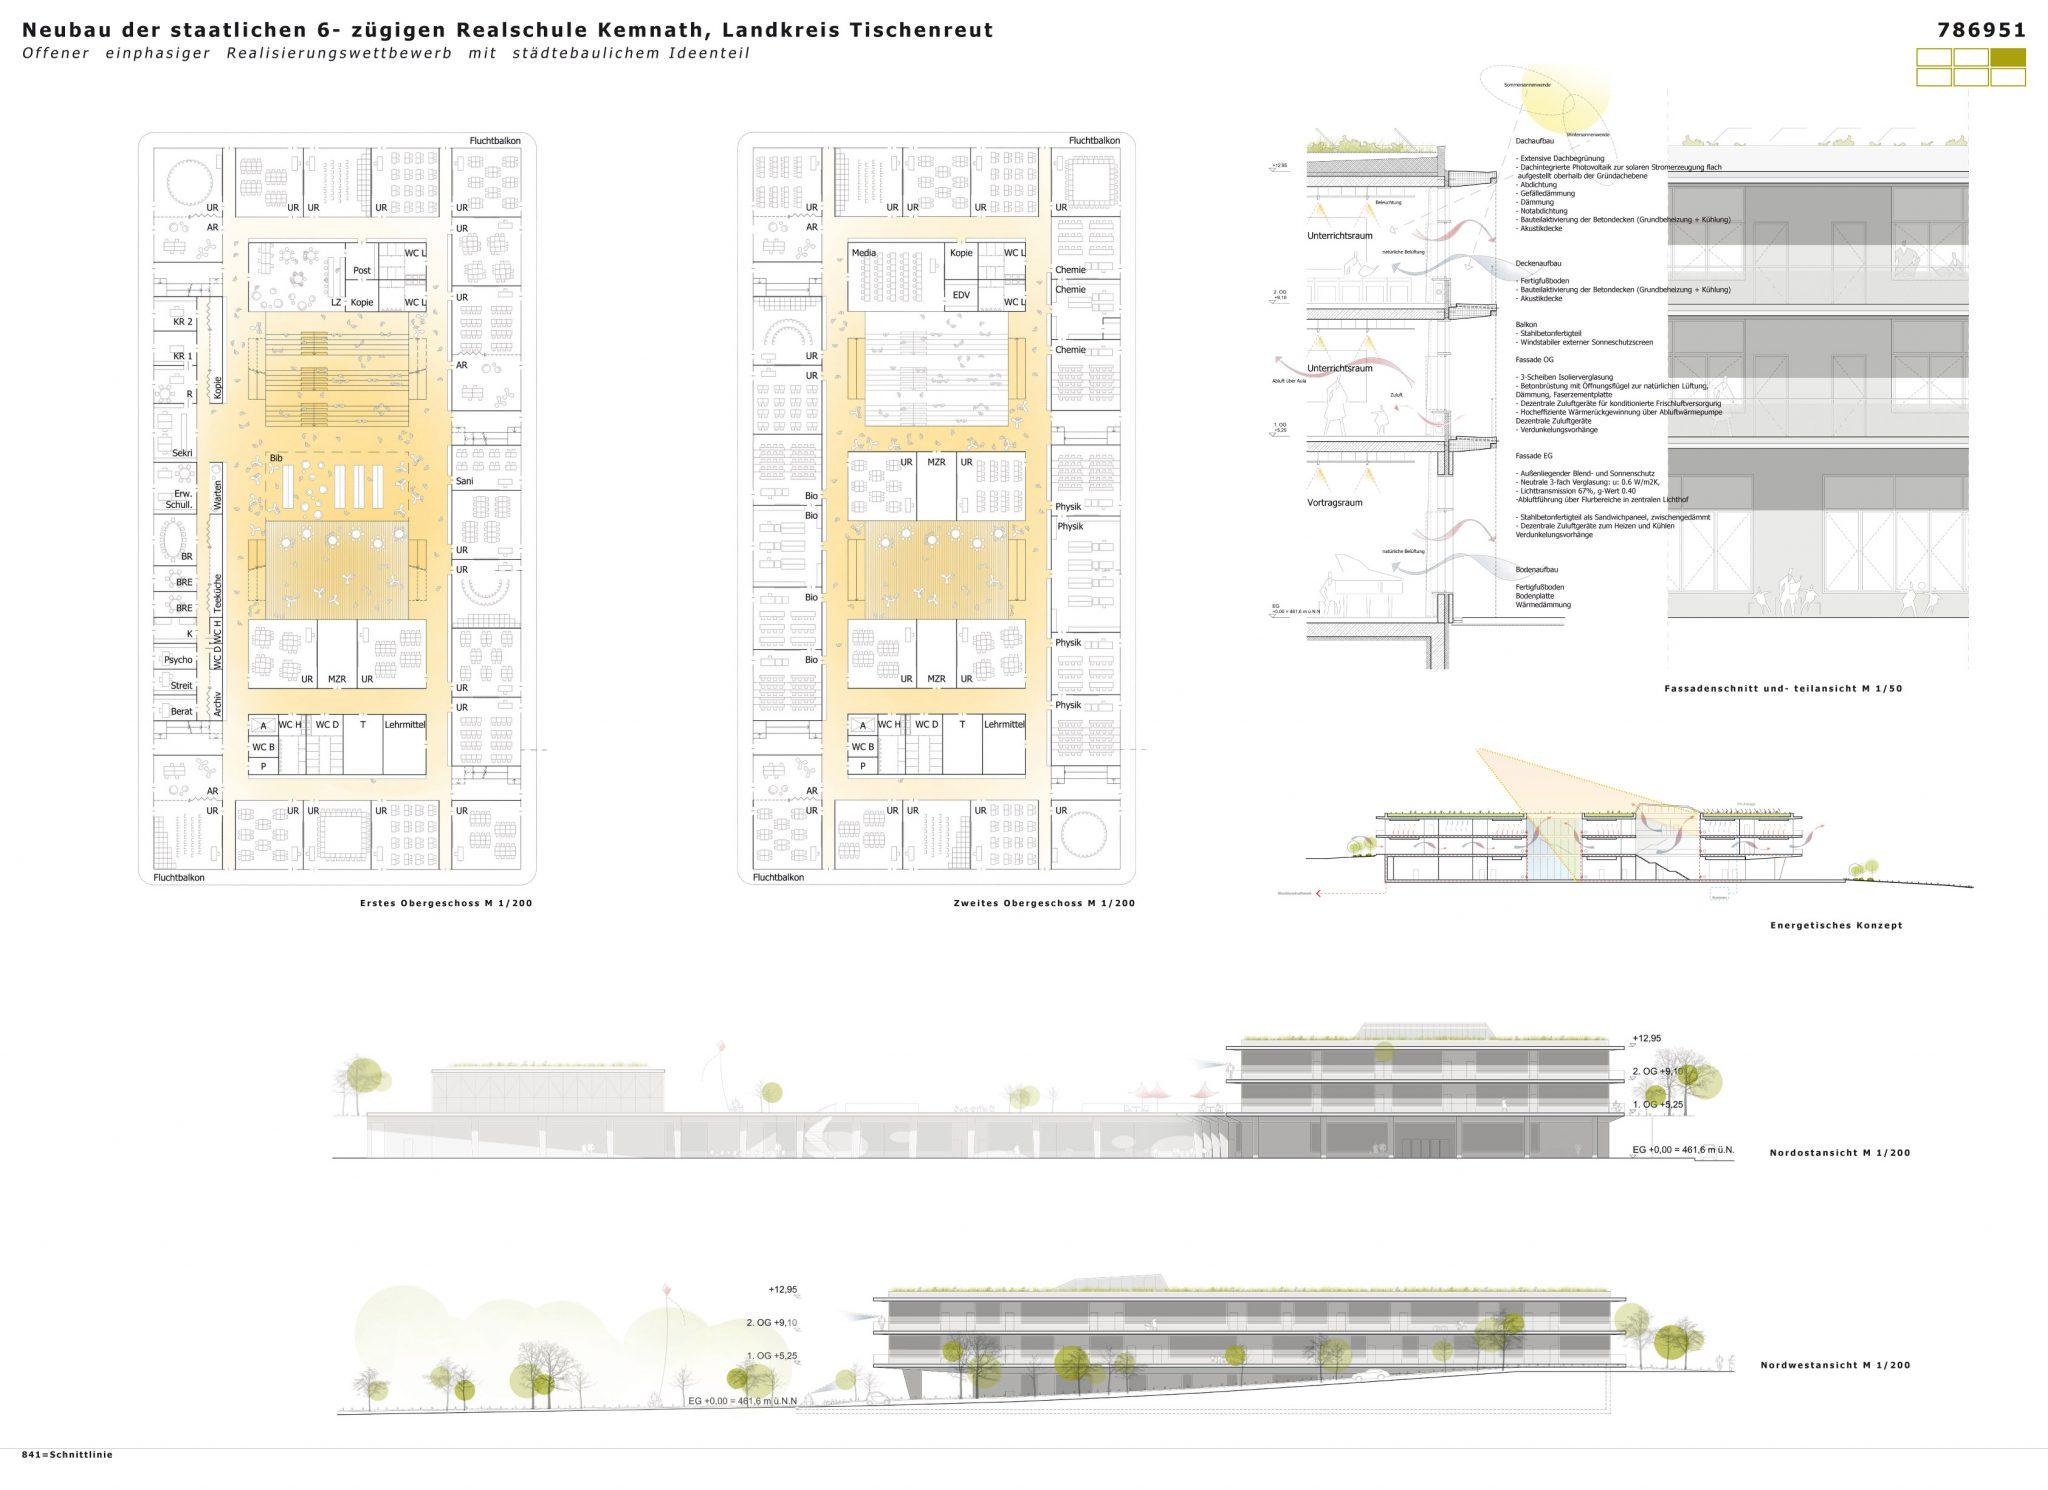 Wettbewerb Realschule Kemnath Layout Grundriss und Fassadenschnitt